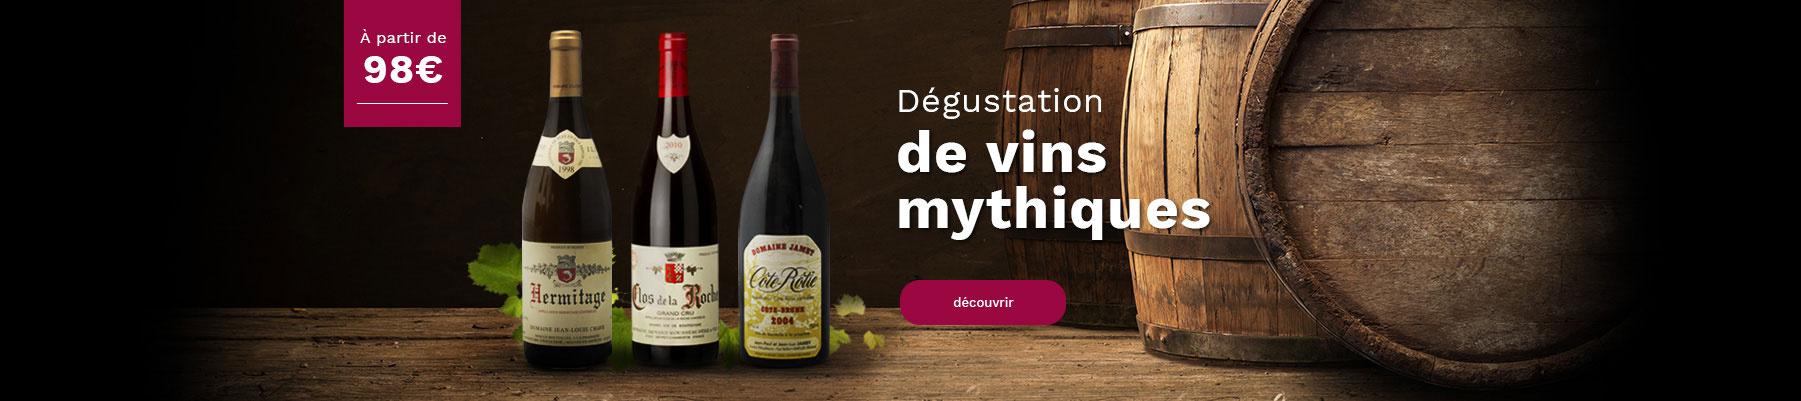 Dégustations de vins mythiques cours oenologie